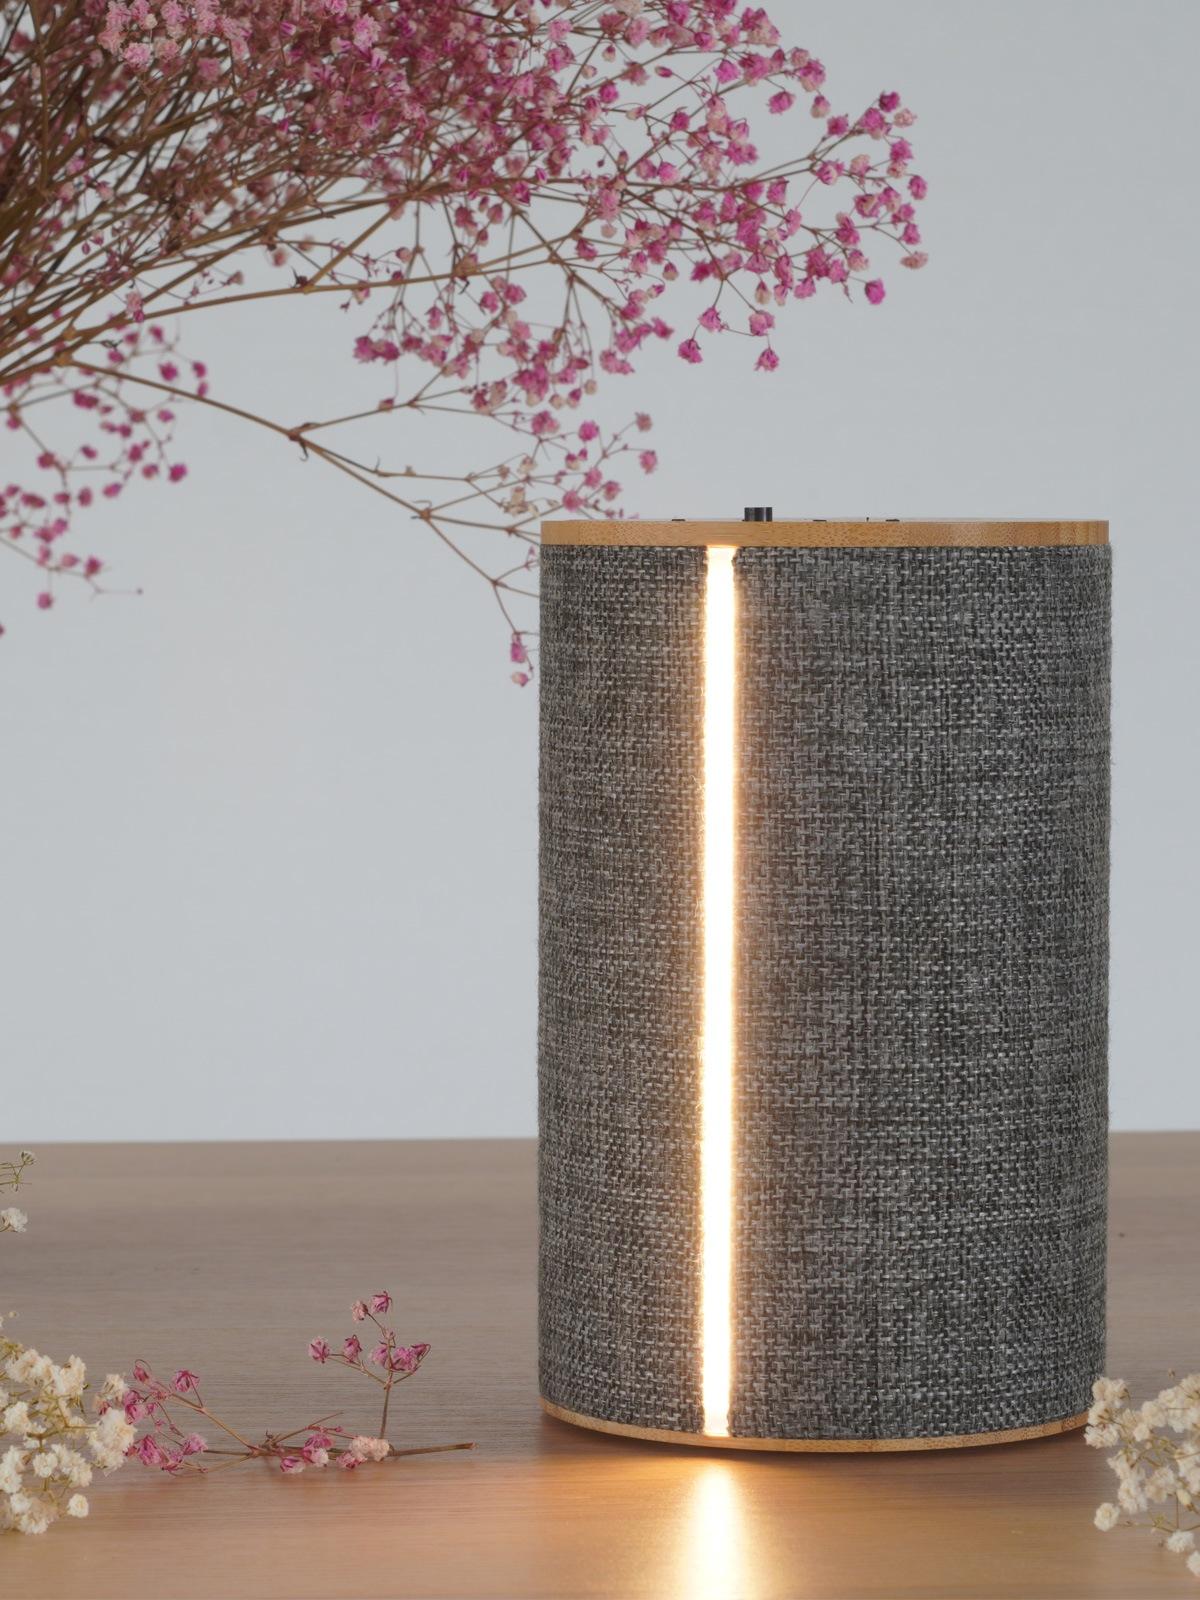 DesignOrt Blog: Lampen & Leuchten von LOOM Design SILO 2 tragbare Box mit Beleuchtung DesignOrt Leuchten Berlin